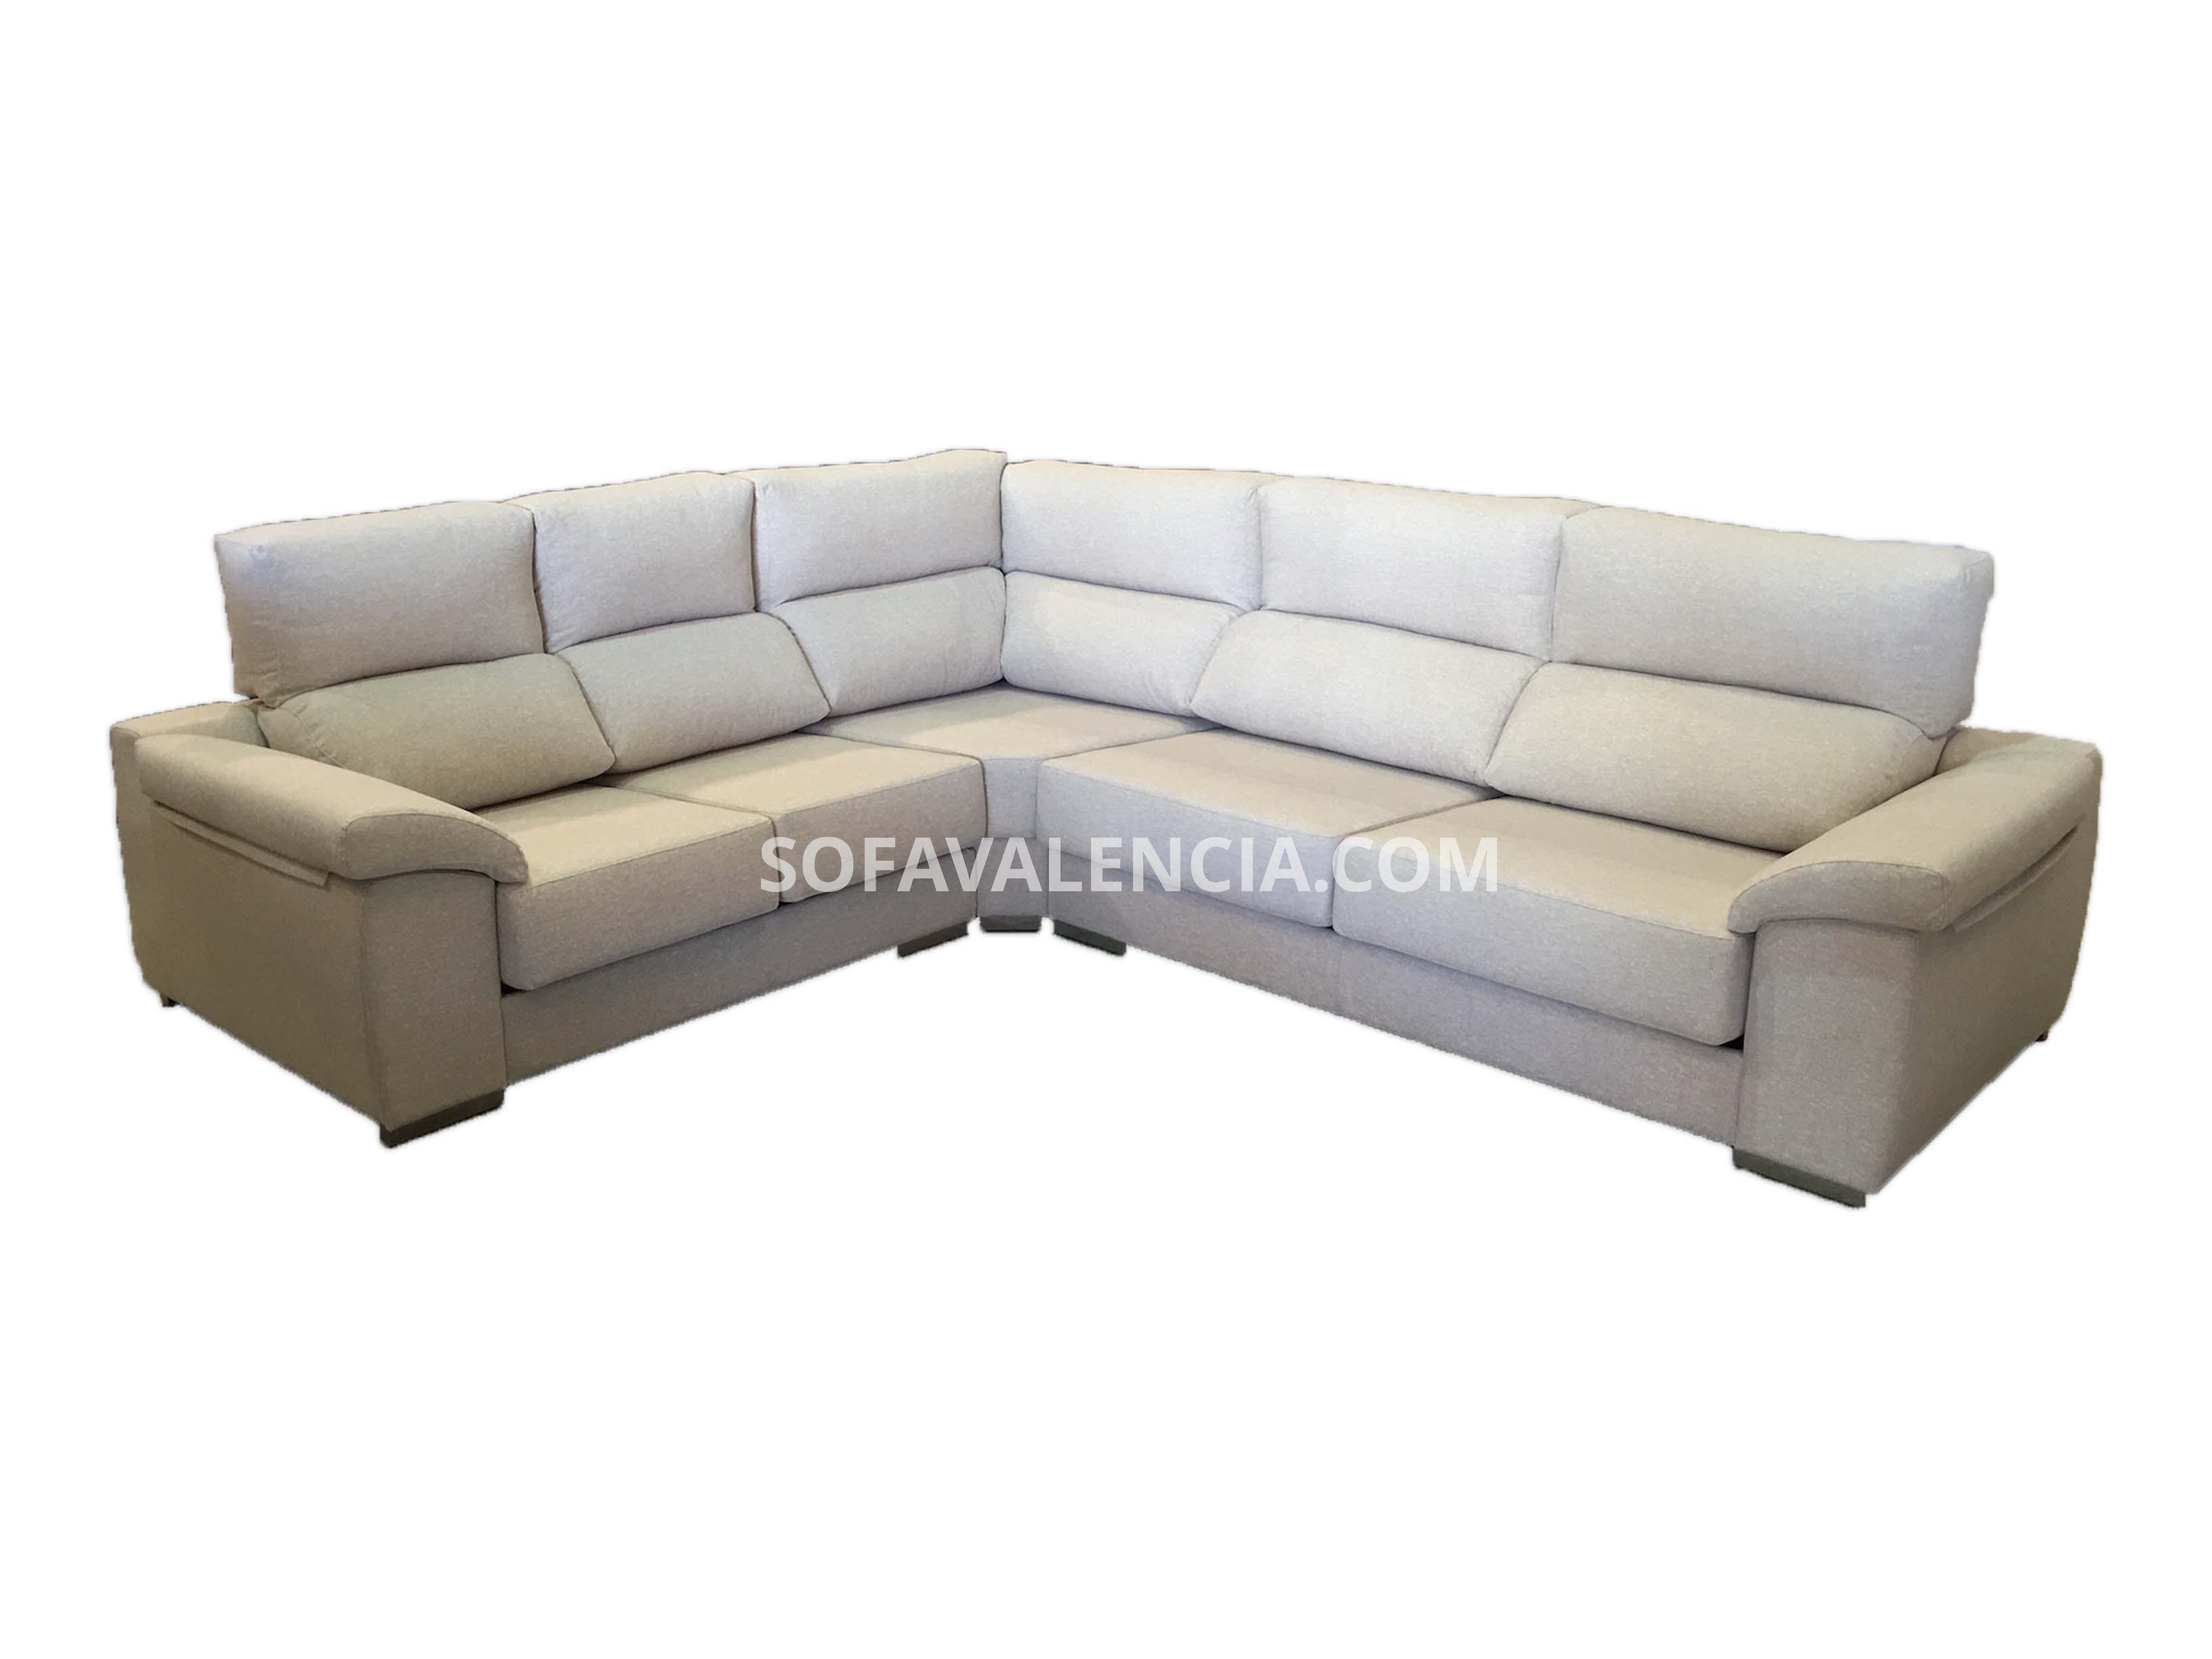 Muebles segunda mano terrassa obtenga ideas dise o de muebles para su hogar aqu - Sofas segunda mano castellon ...